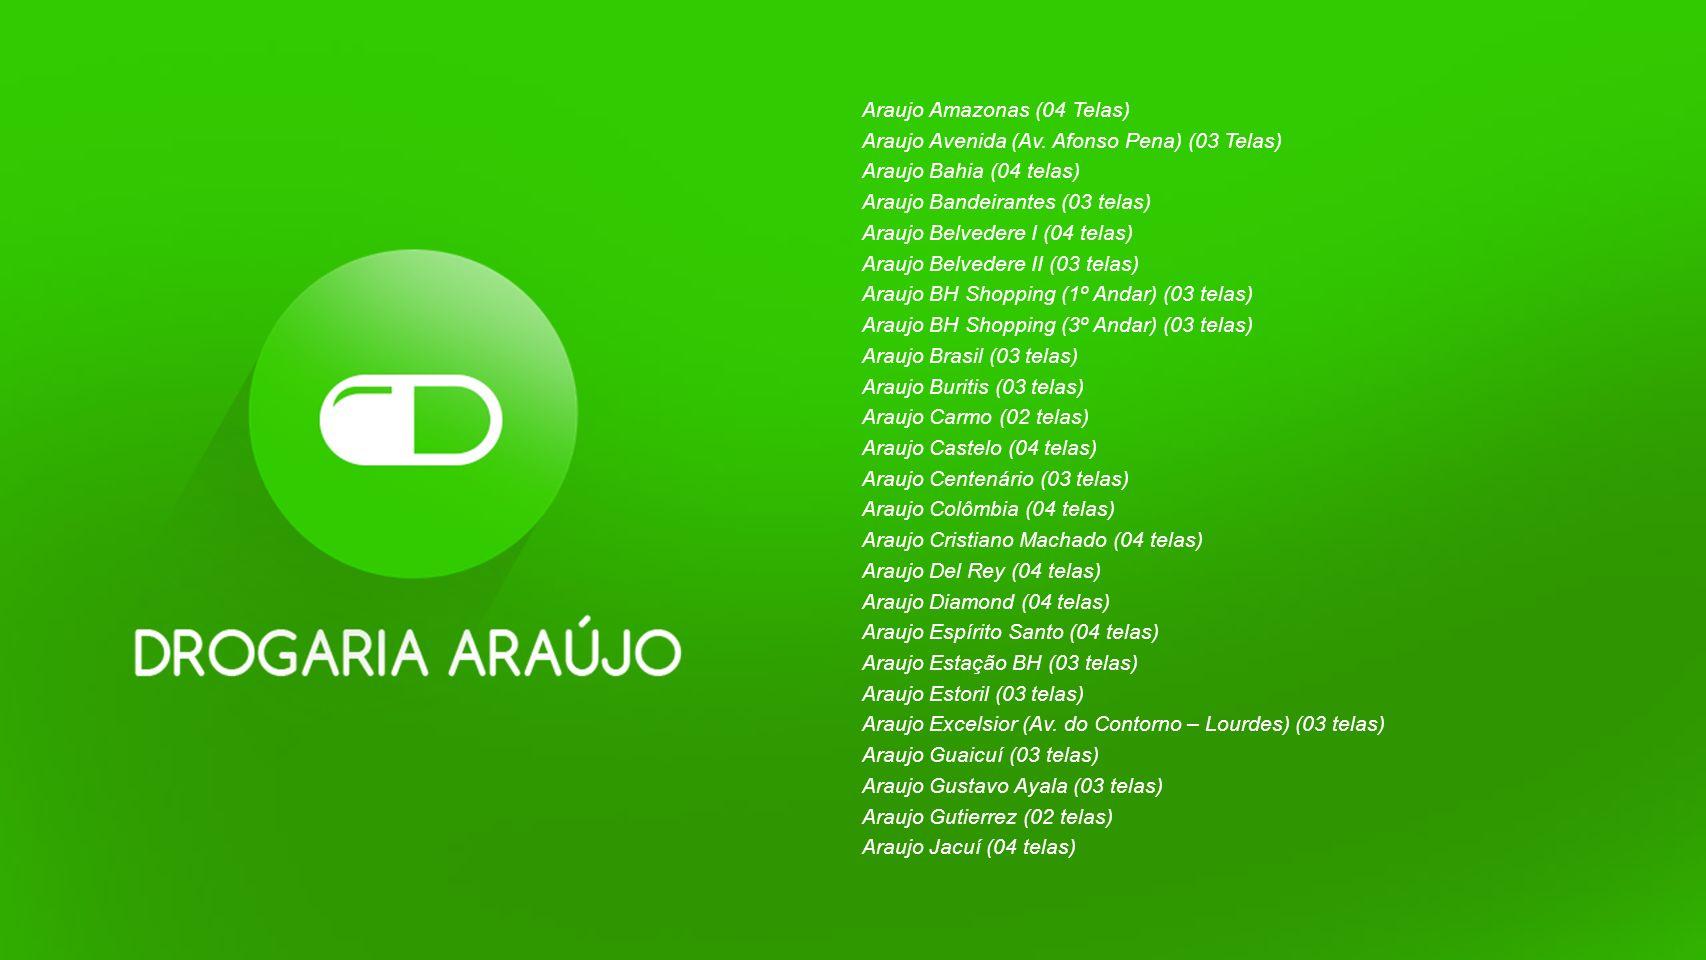 Araujo Amazonas (04 Telas) Araujo Avenida (Av. Afonso Pena) (03 Telas) Araujo Bahia (04 telas) Araujo Bandeirantes (03 telas) Araujo Belvedere I (04 t